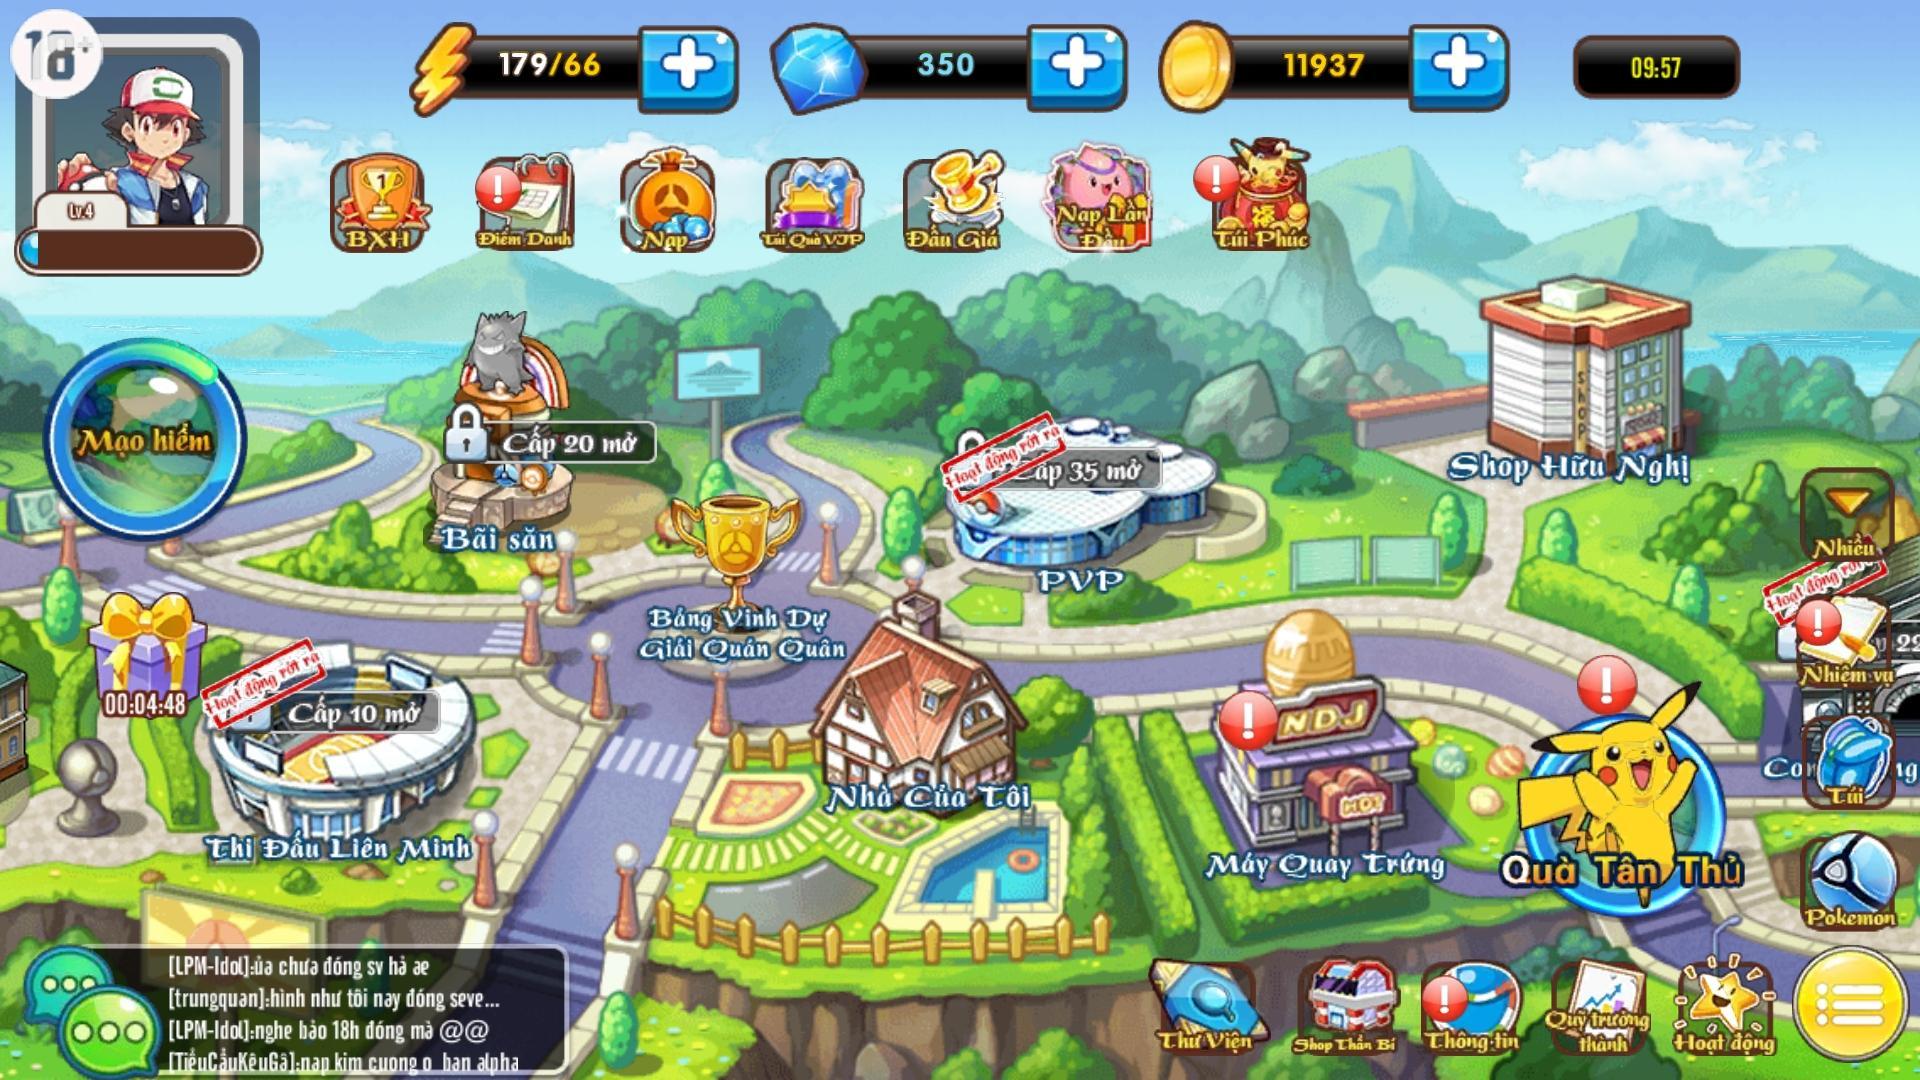 Poke M tặng loạt giftcode chứa vật phẩm và nhiều phần quà hấp dẫn khác mừng game ra mắt - Ảnh 4.